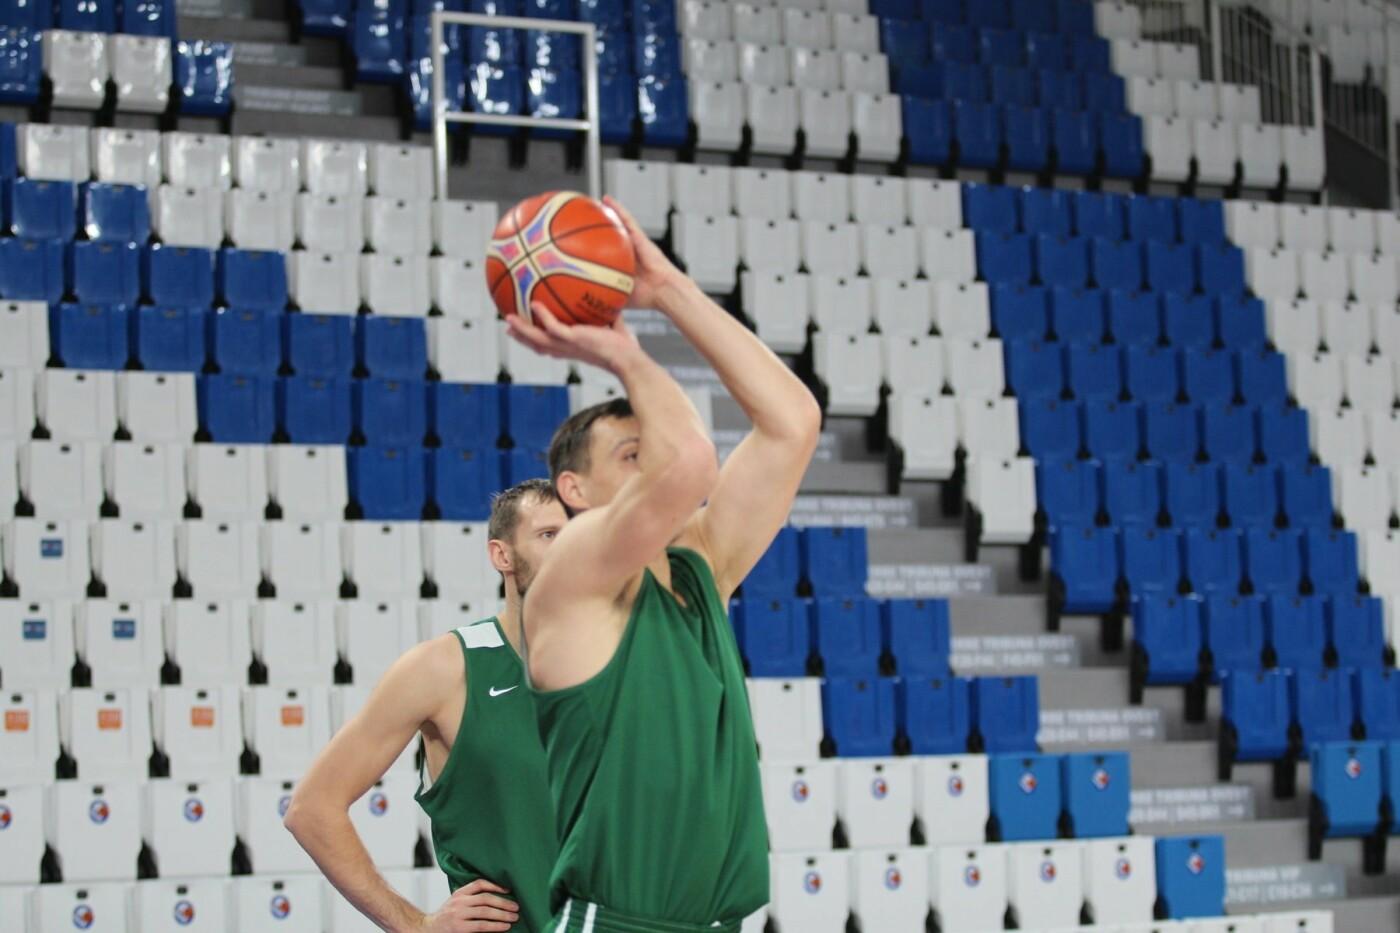 Lietuvos vyrų krepšinio rinktinė surengė vienintelę treniruotę Italijoje, nuotrauka-26